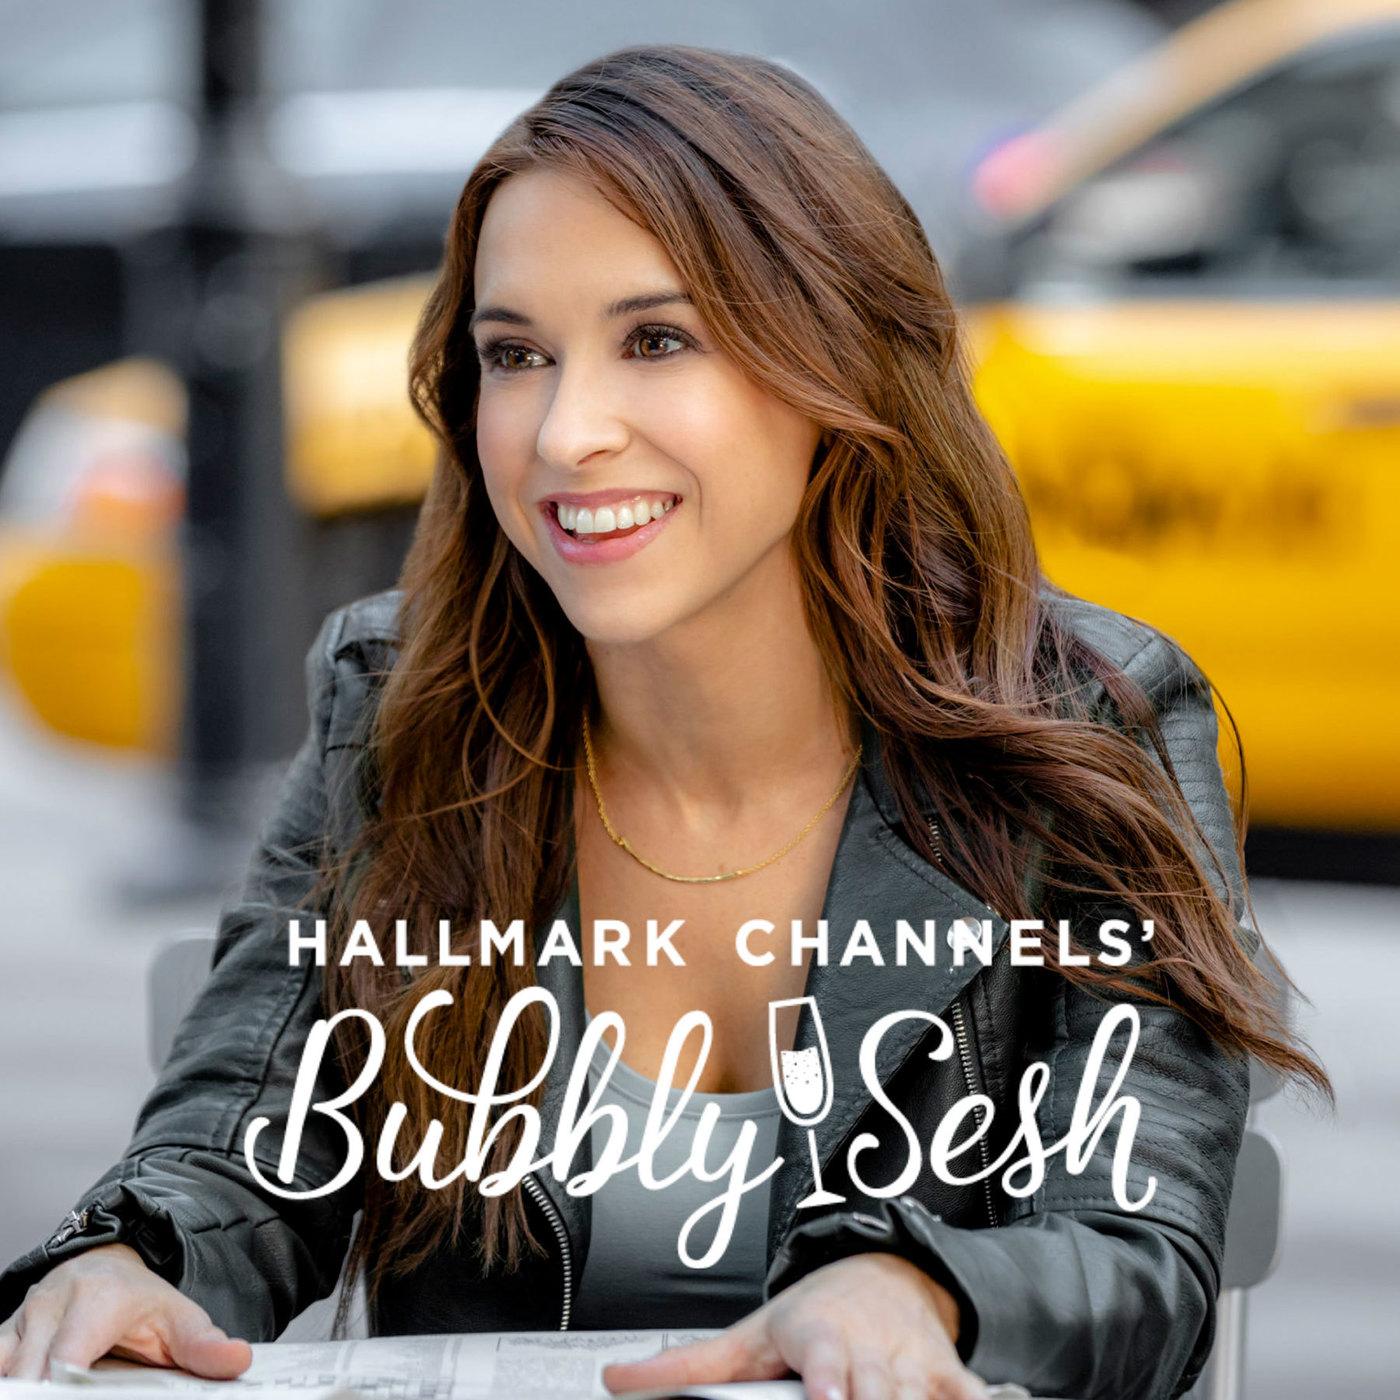 Hallmark Channel Star Lacey Chabert